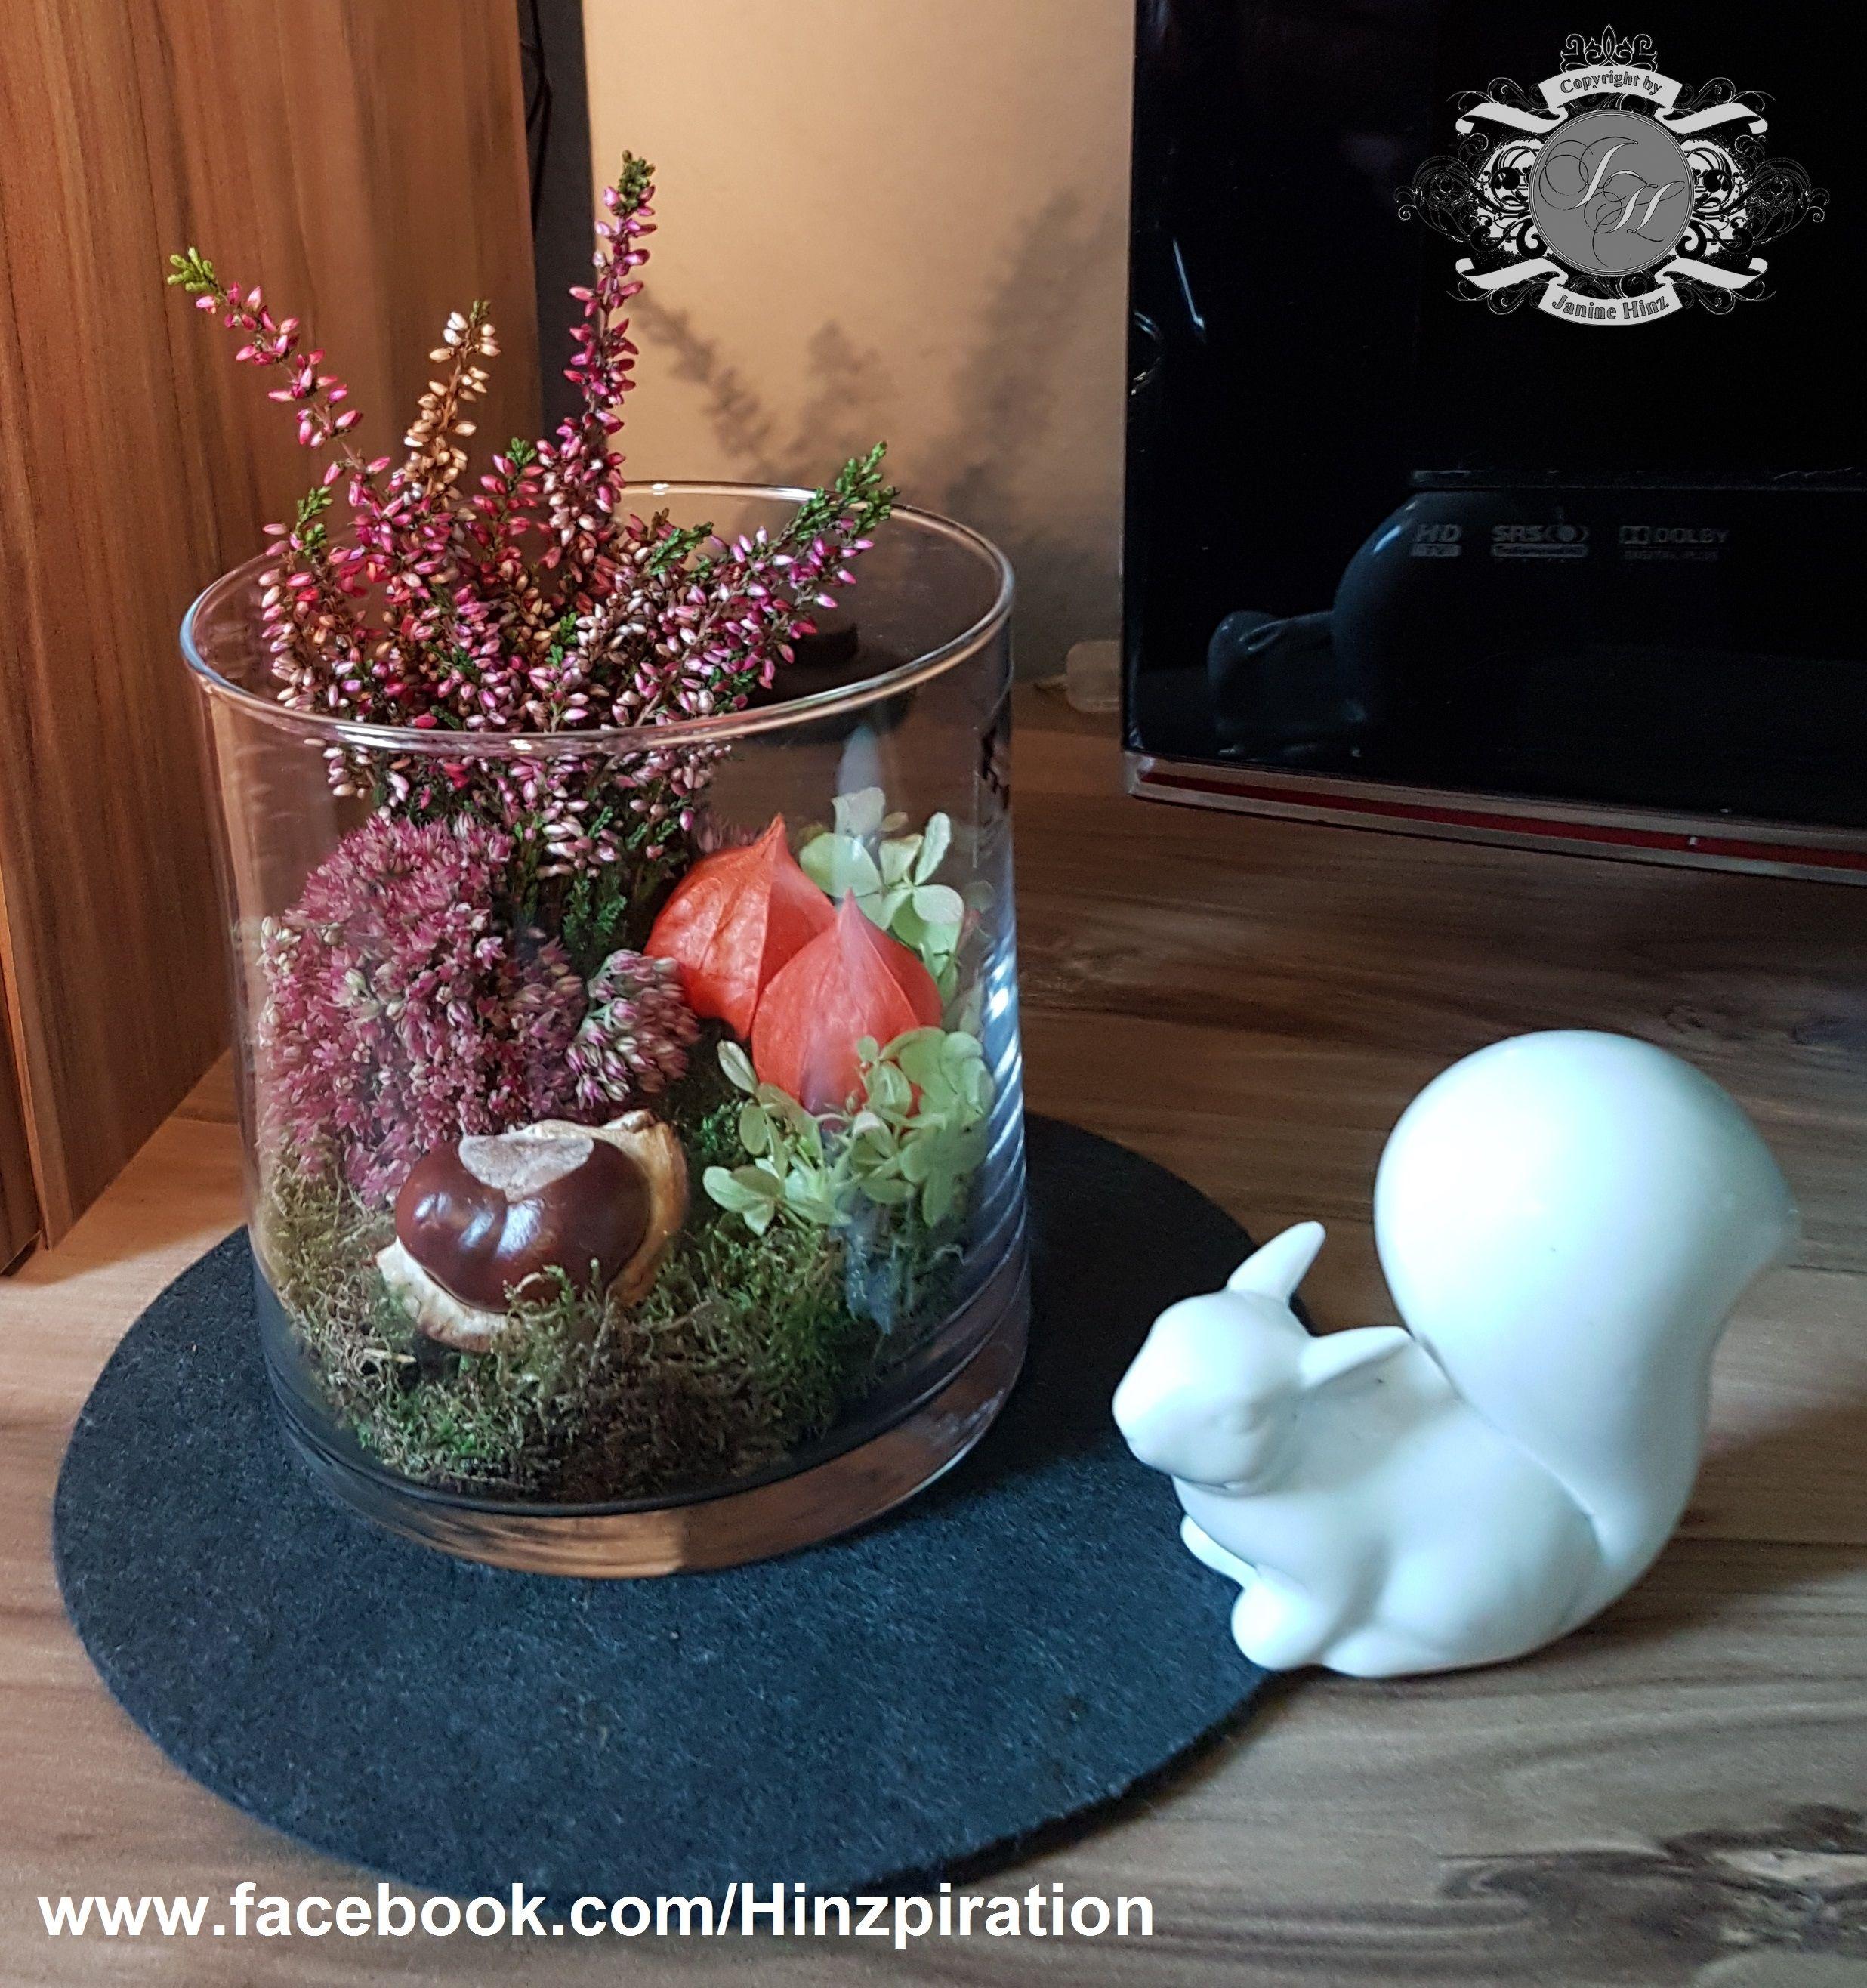 Herbstdeko mit erika fette henne moos kastanien physalis und hortensien herbst herbst - Herbstdeko mit erika ...